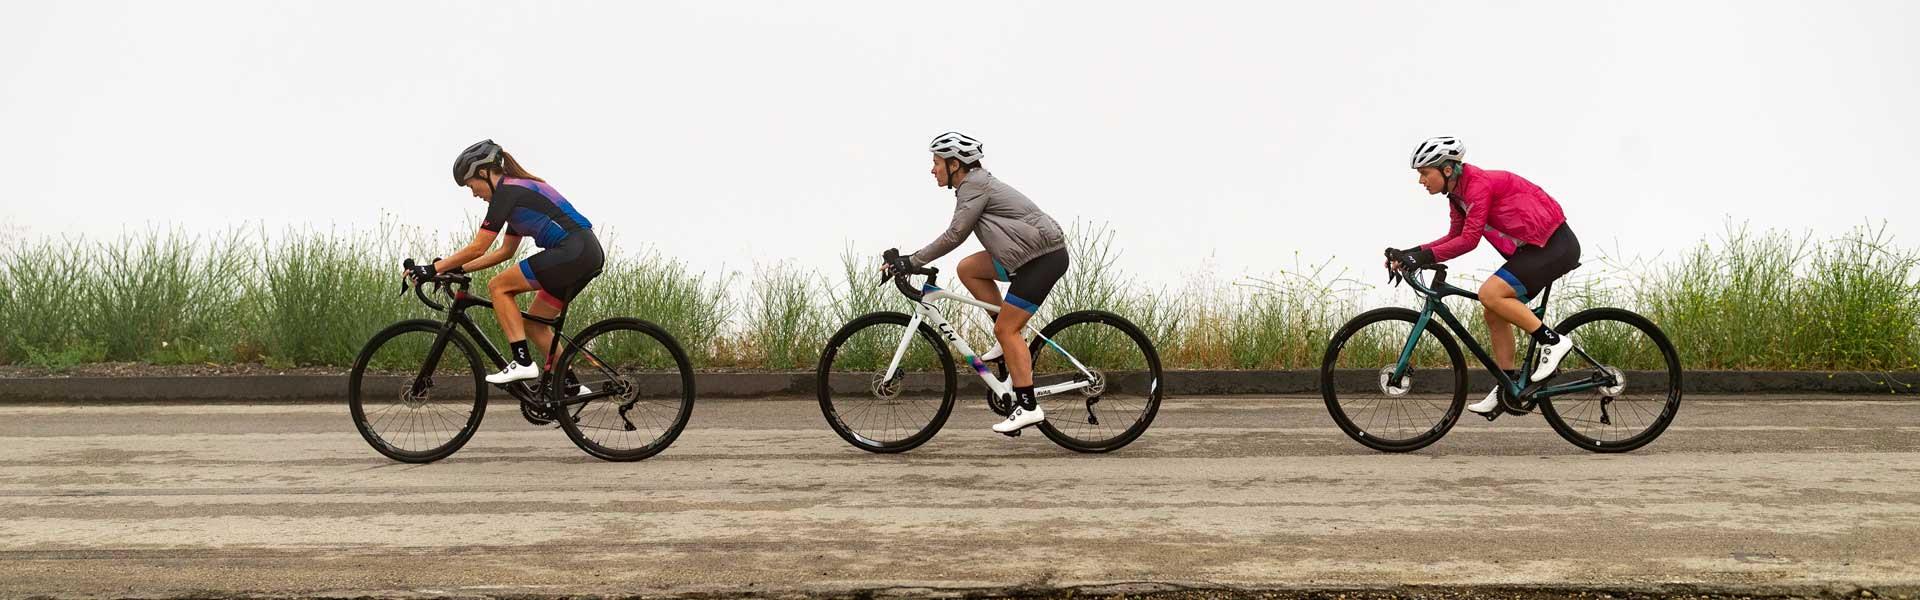 Országúti kerékpárok